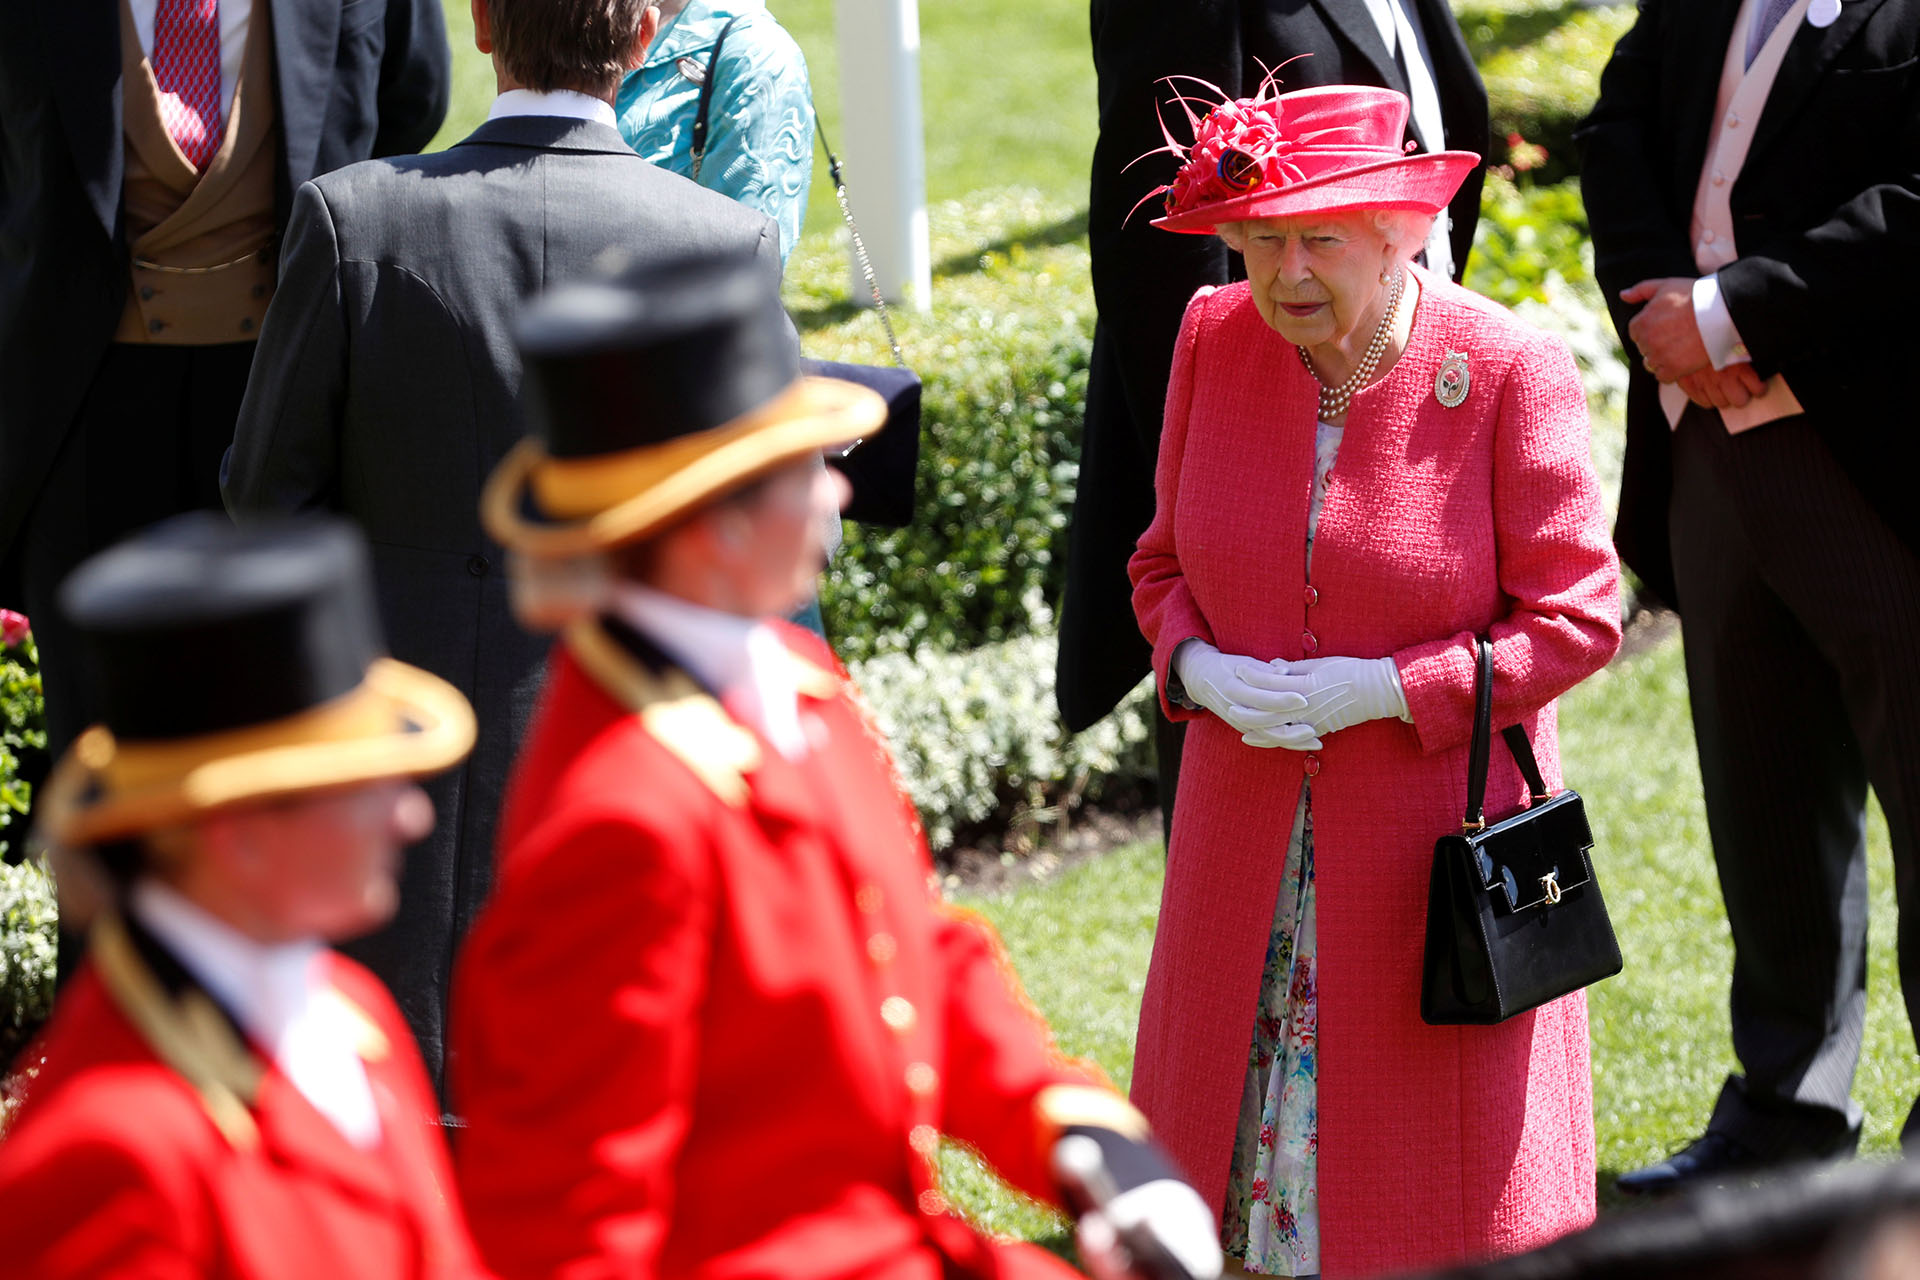 """La llegada de la reina Isabel II con un estilismo """"pink"""" al circuito de Ascot, lugar donde cada año se corre una de las carreras hípicas más importantes del mundo"""